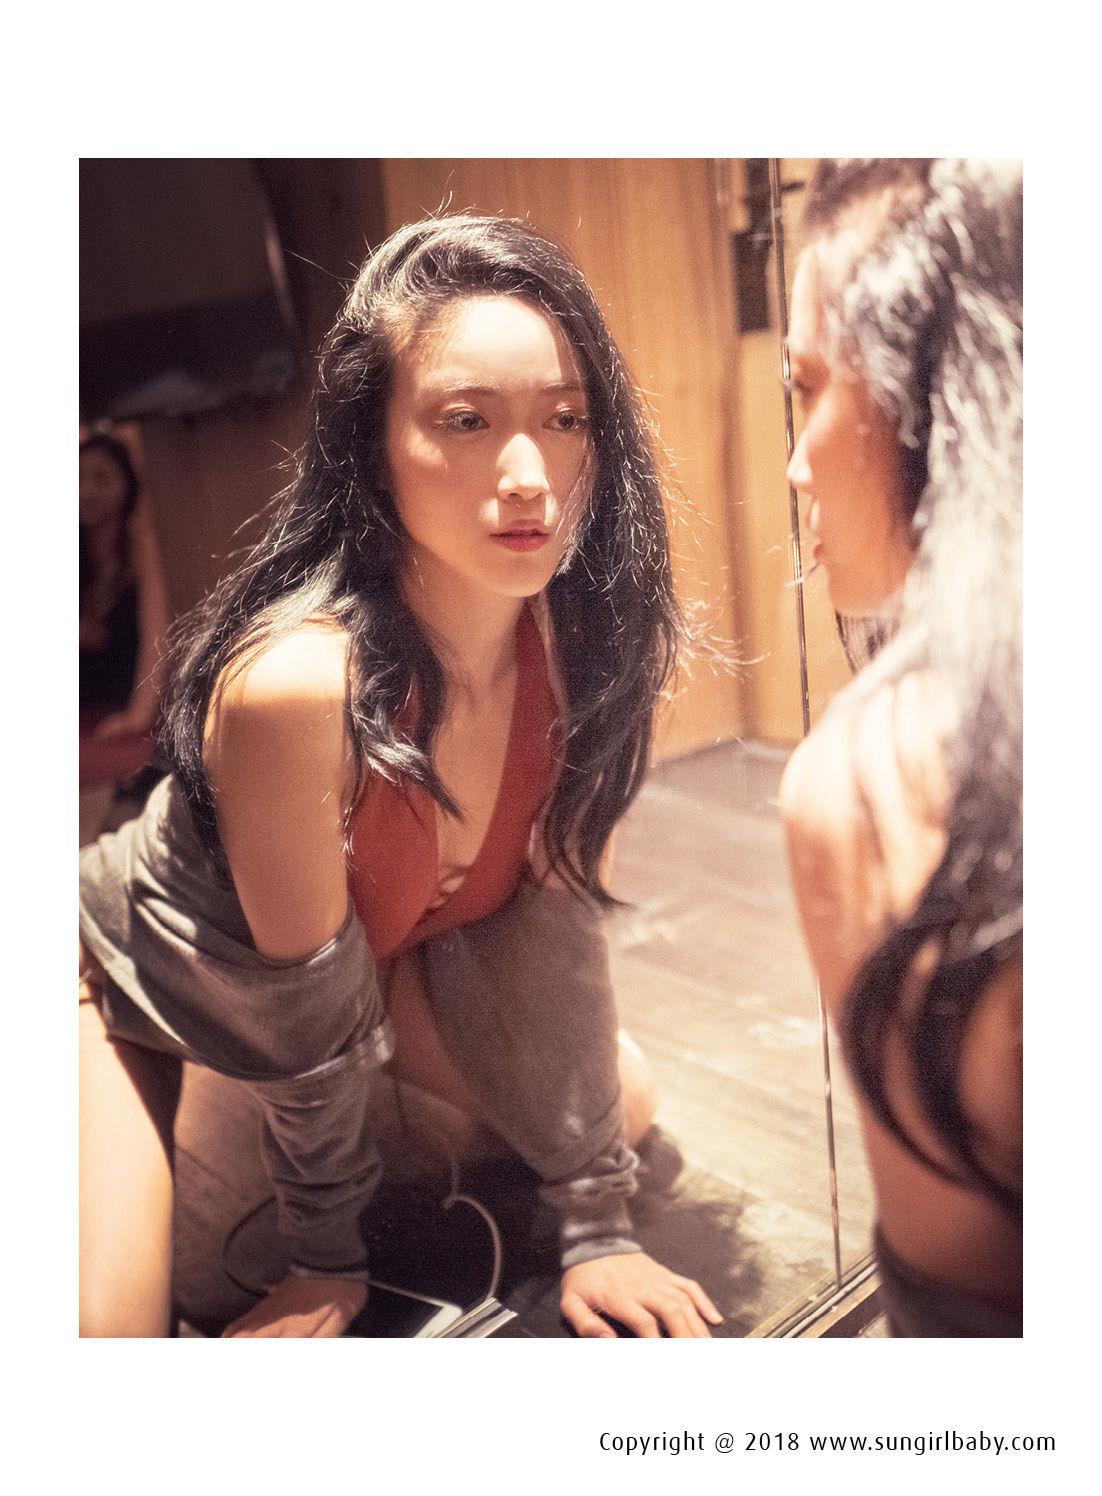 VOL.1994 [阳光宝贝]妩媚魅惑美女:Kuma爹地超高清个人性感漂亮大图(32P)